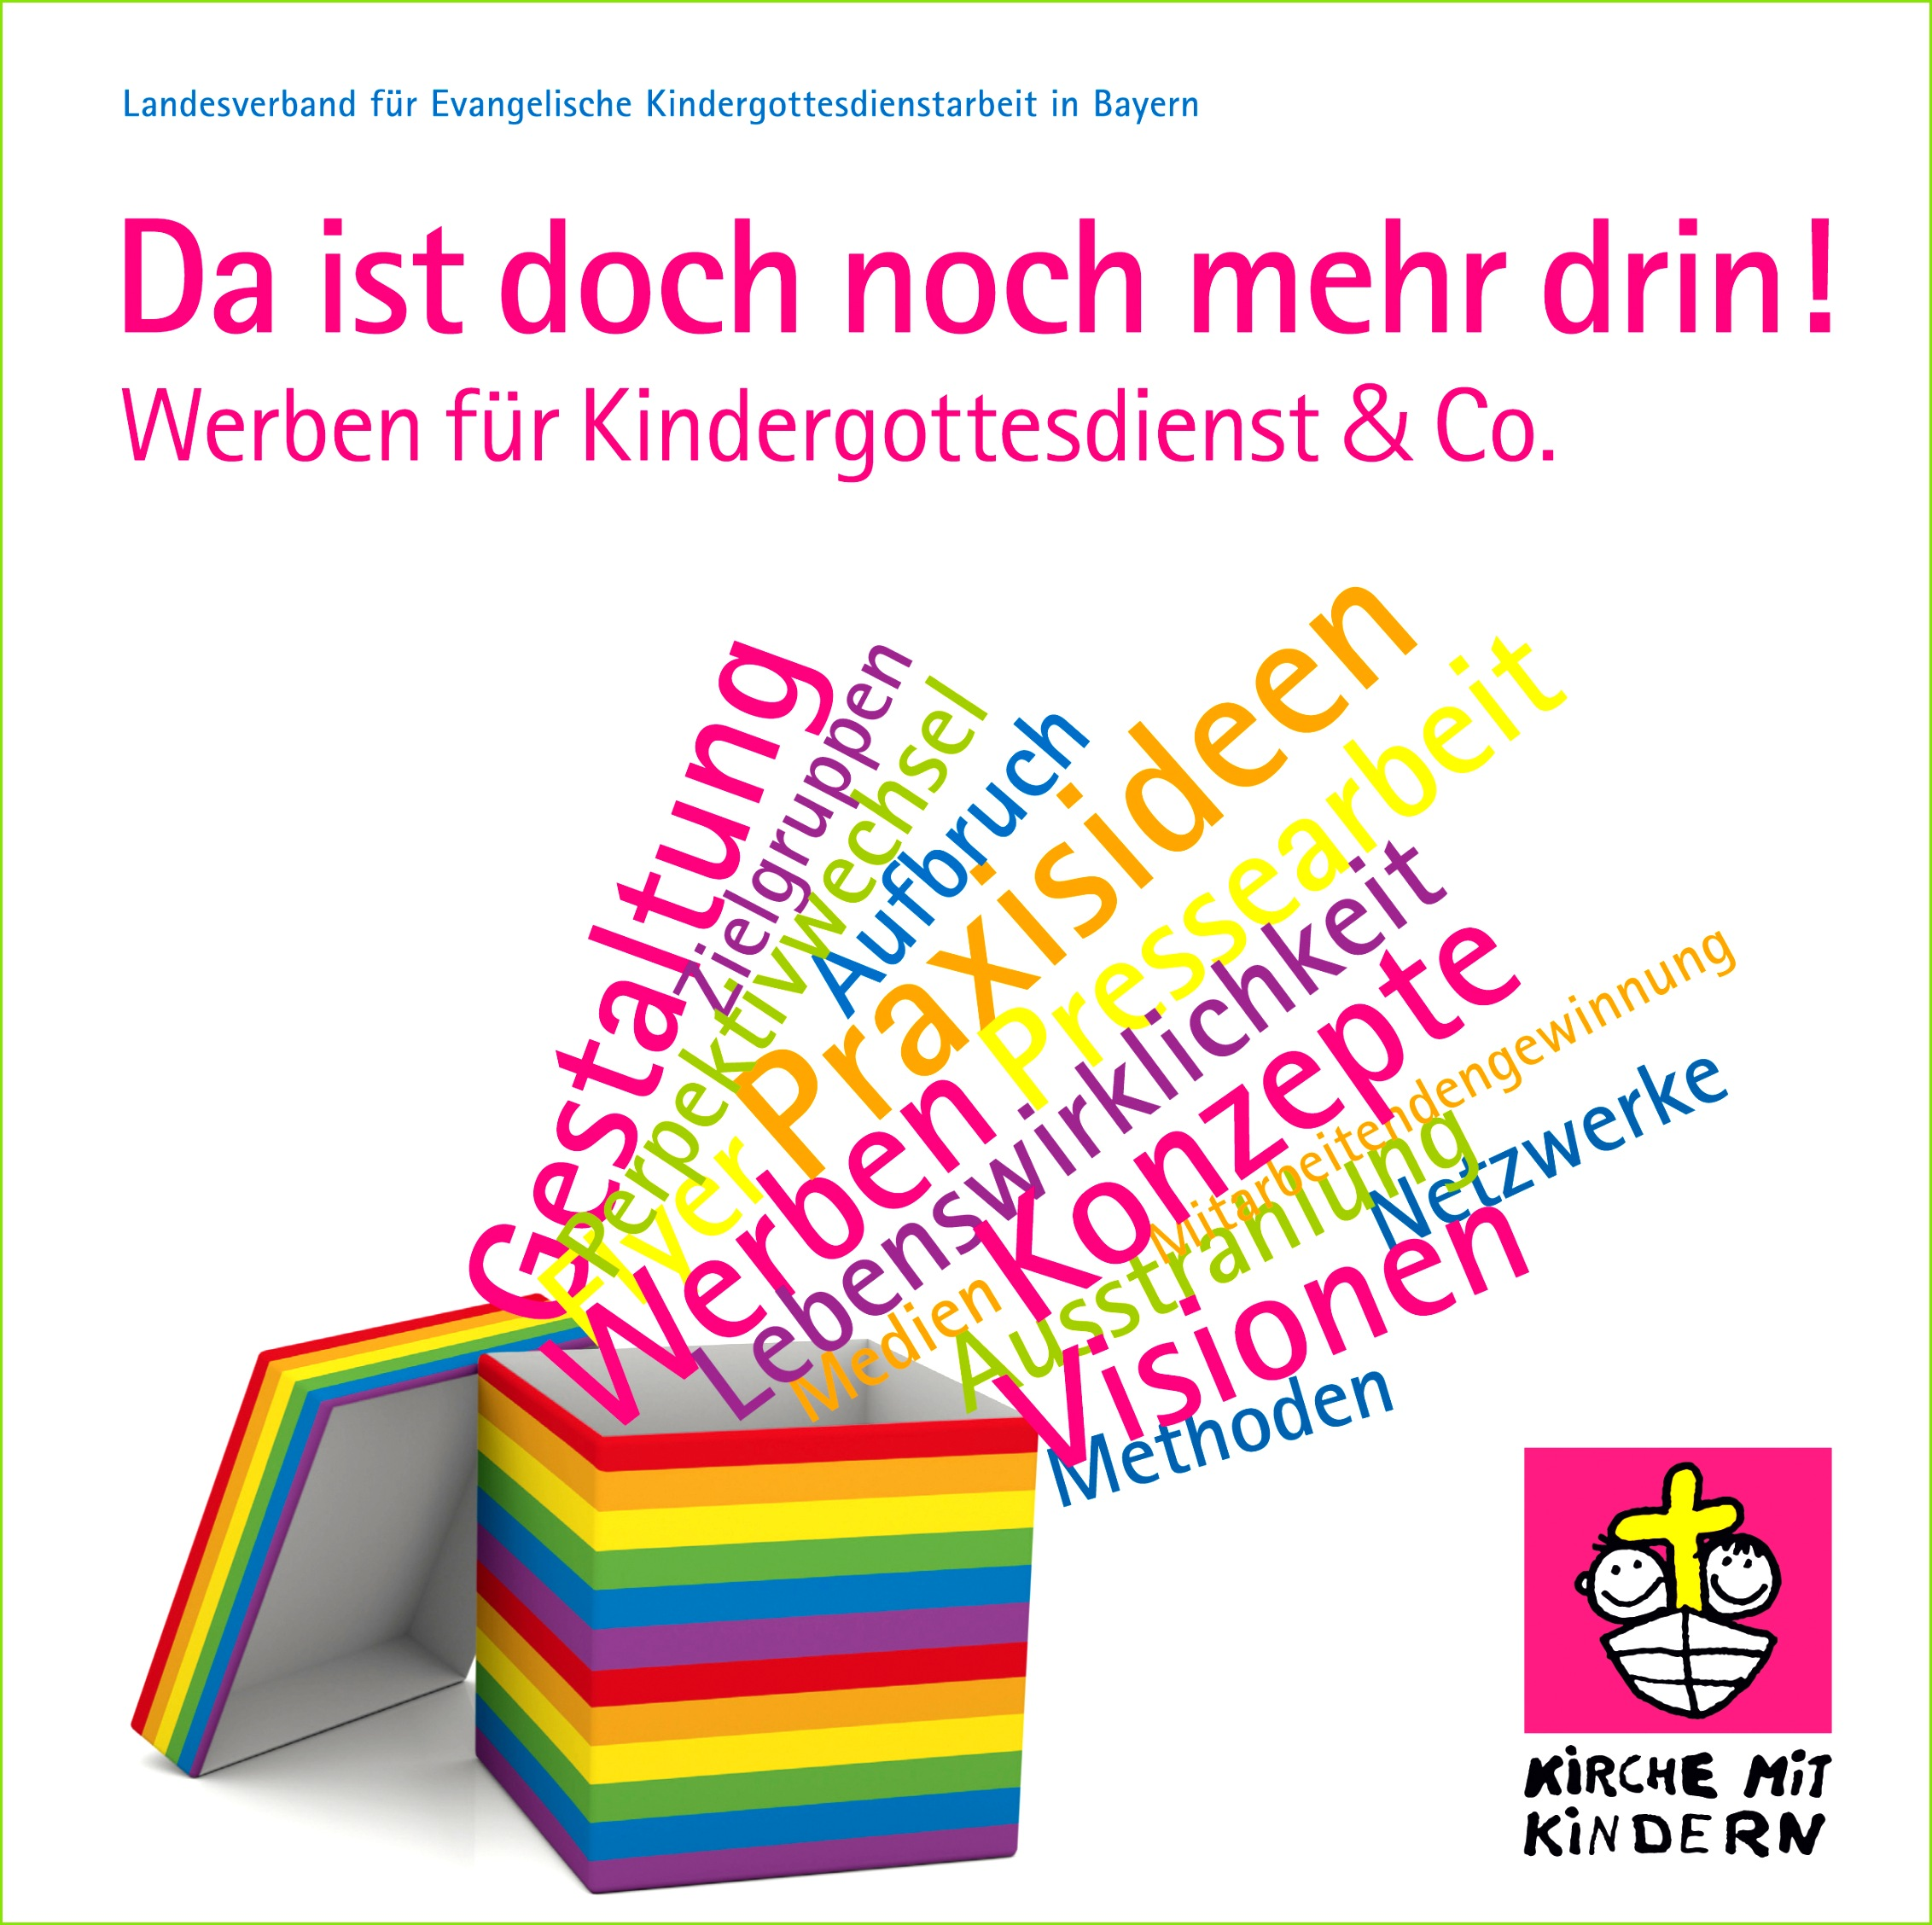 """Ergänzungsmaterial zum Praxishandbuch """"Da ist doch noch mehr drin Werben für den Kindergottes nst und Co """""""